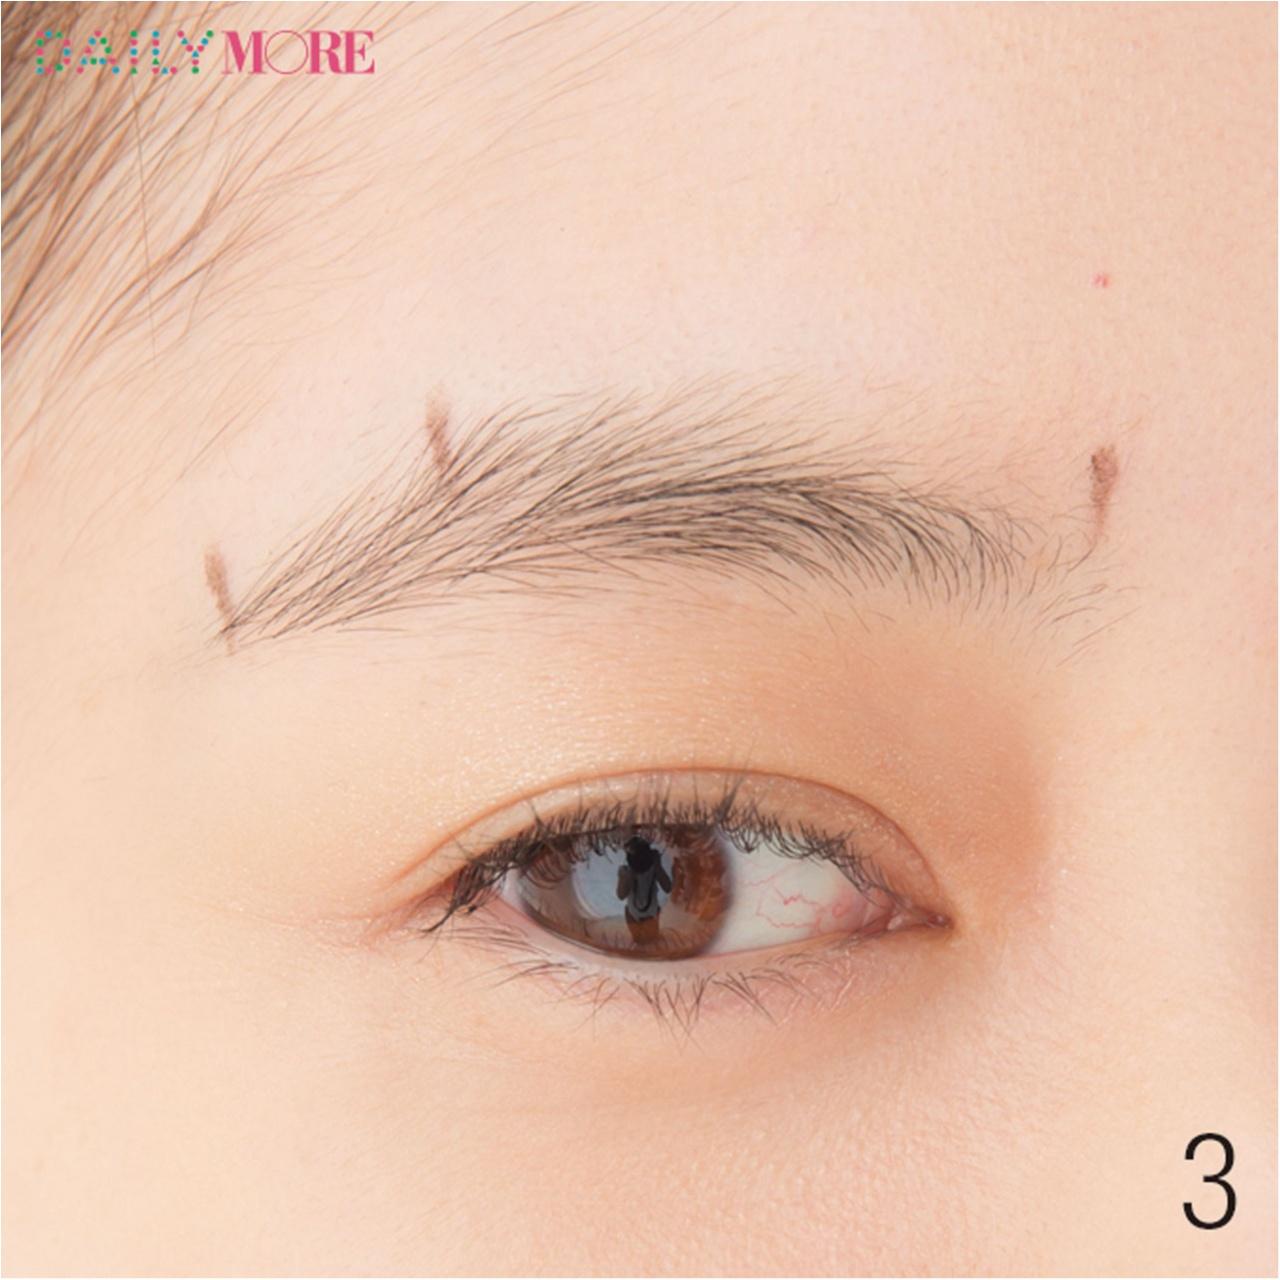 平行眉メイク特集 - 眉毛の形の整え方、描き方のポイントまとめ_5